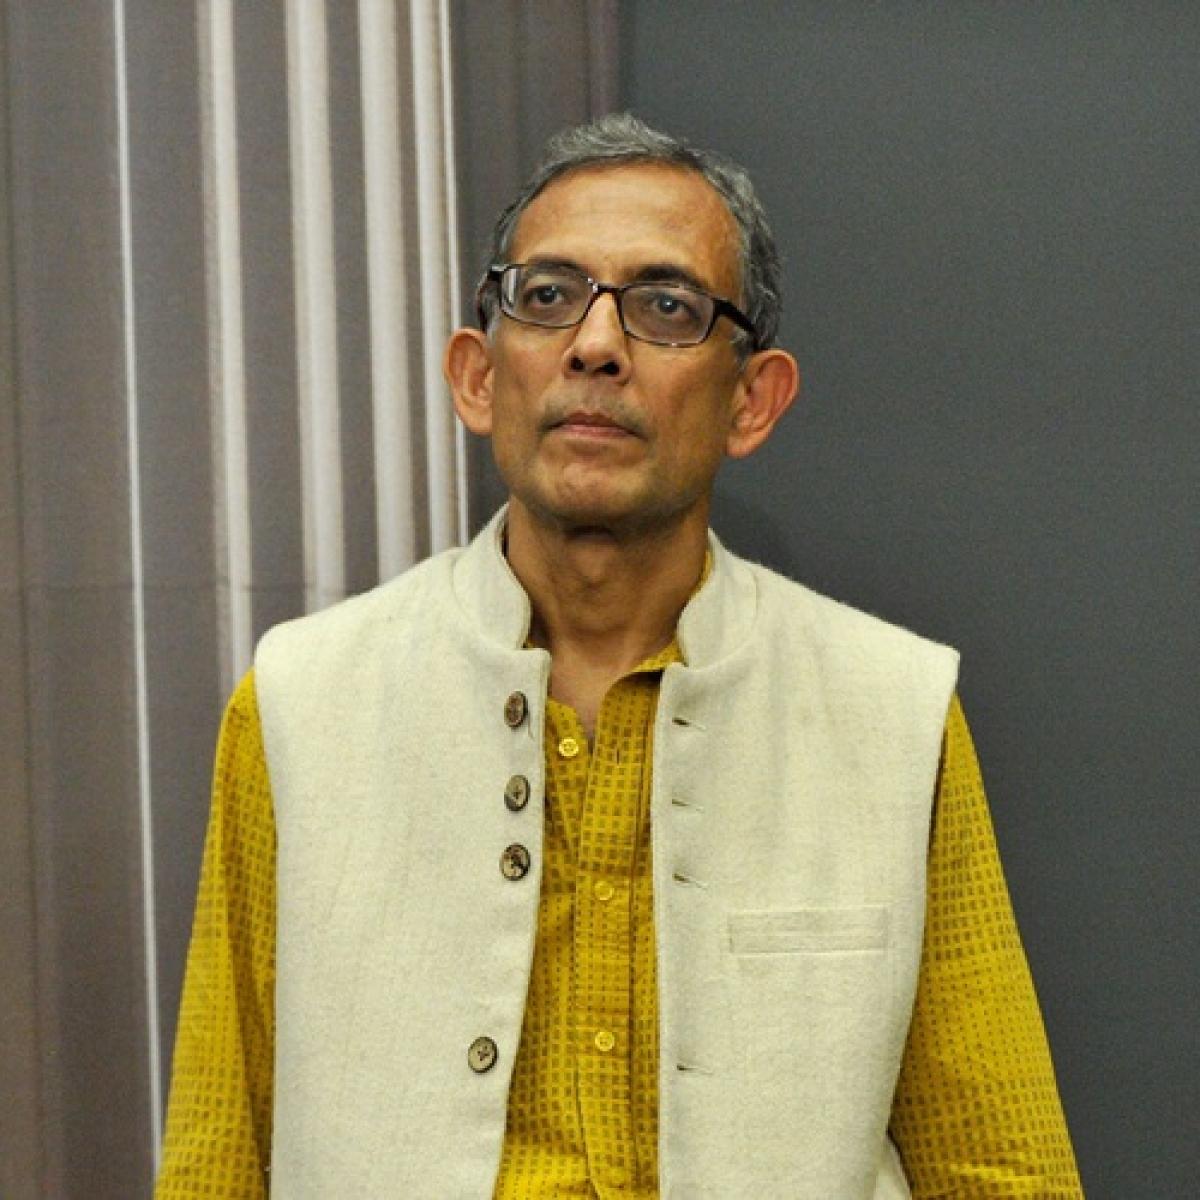 #AbhijitBanerjee trends on Twitter, netizens go gaga over Indian-origin economist winning Nobel Prize